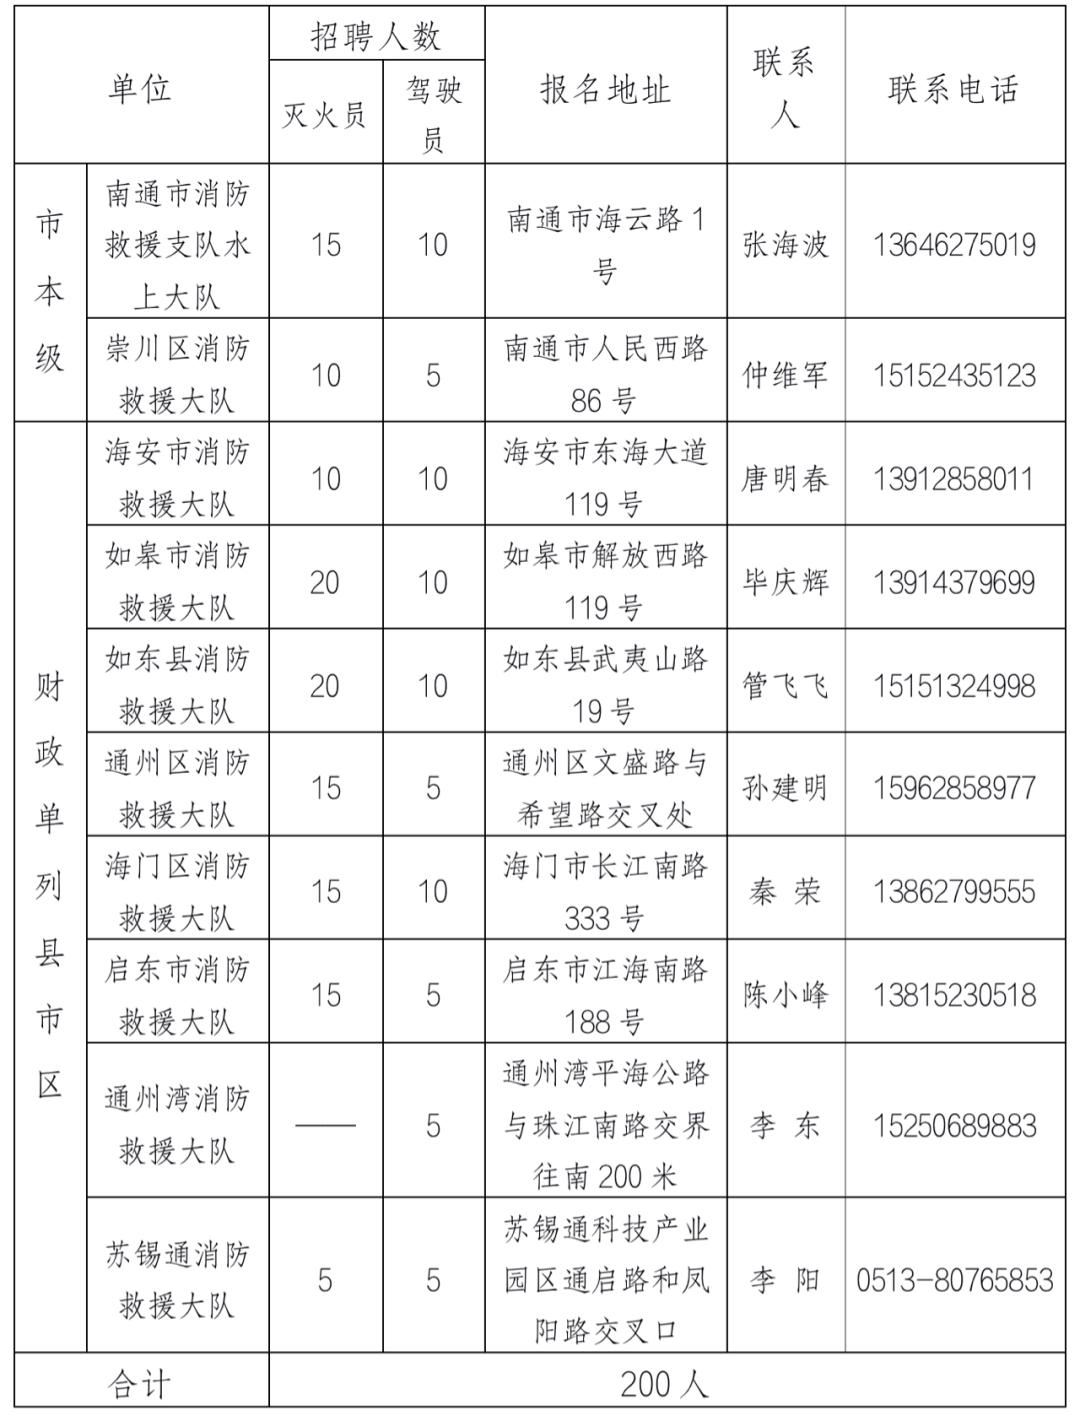 2021年南通市消防救援支队政府专职消防员招聘计划表